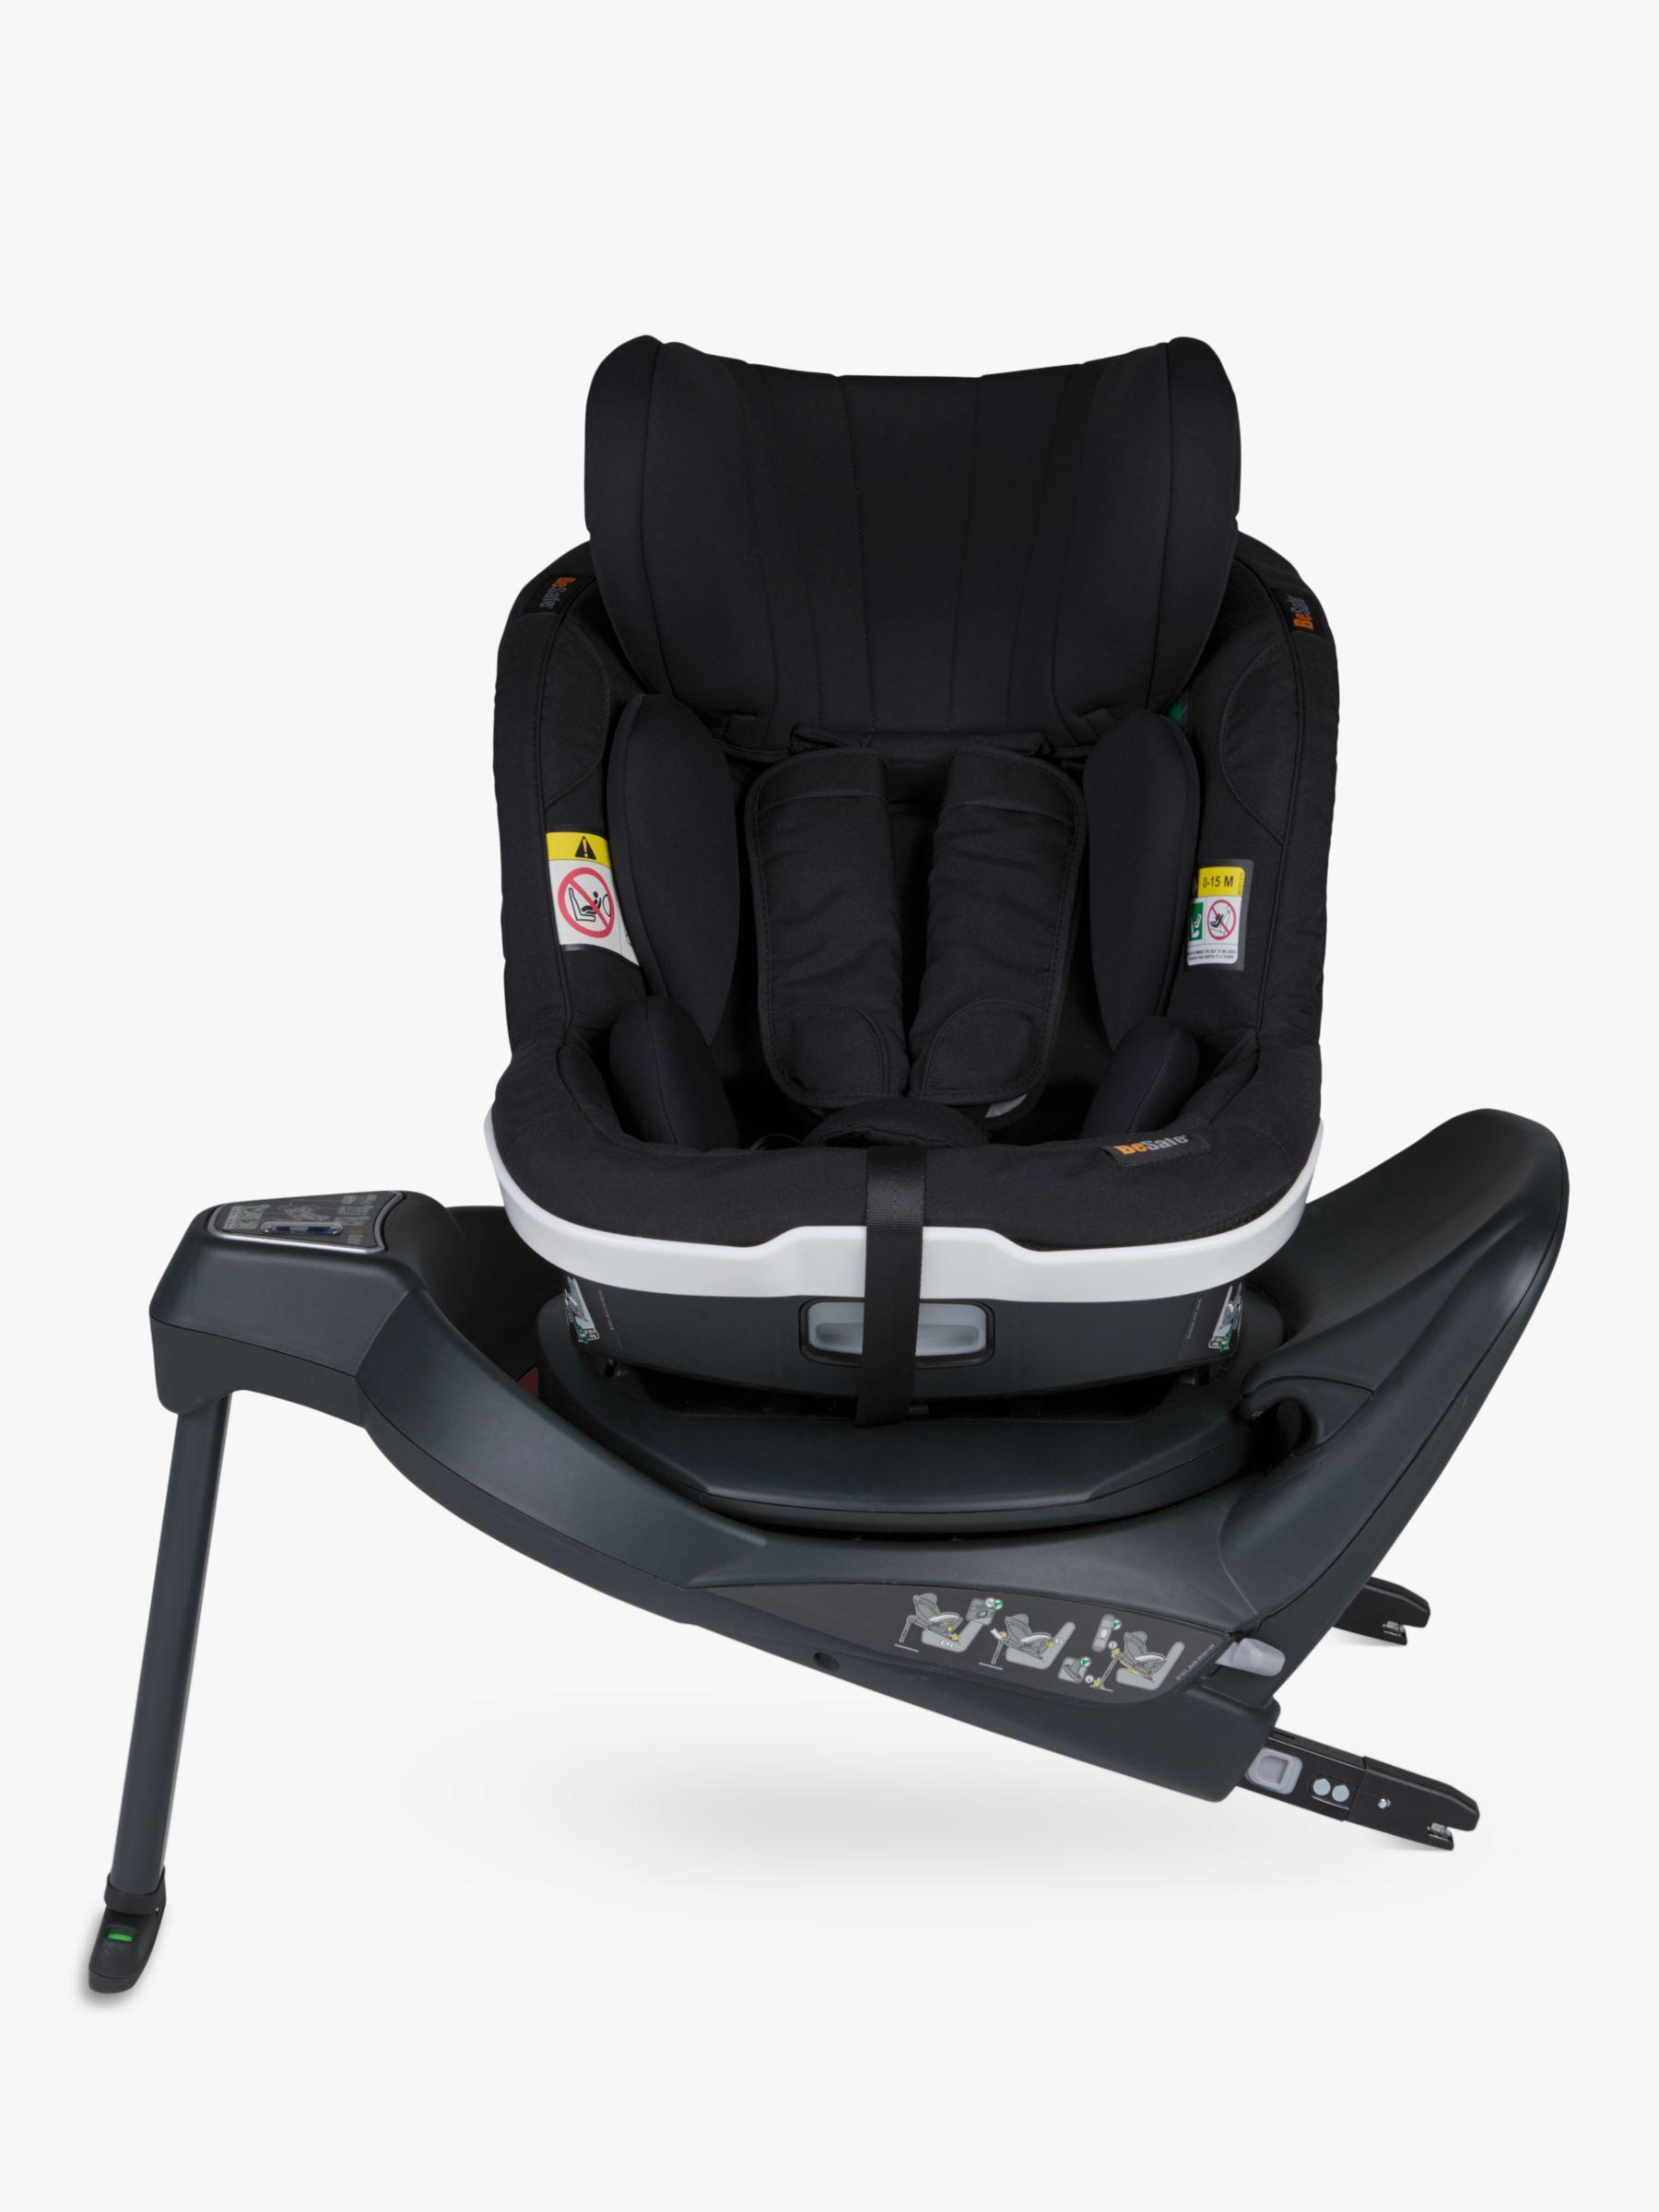 BeSafe BeSafe iZi Turn i-Size Group 1 Car Seat, Black Cab